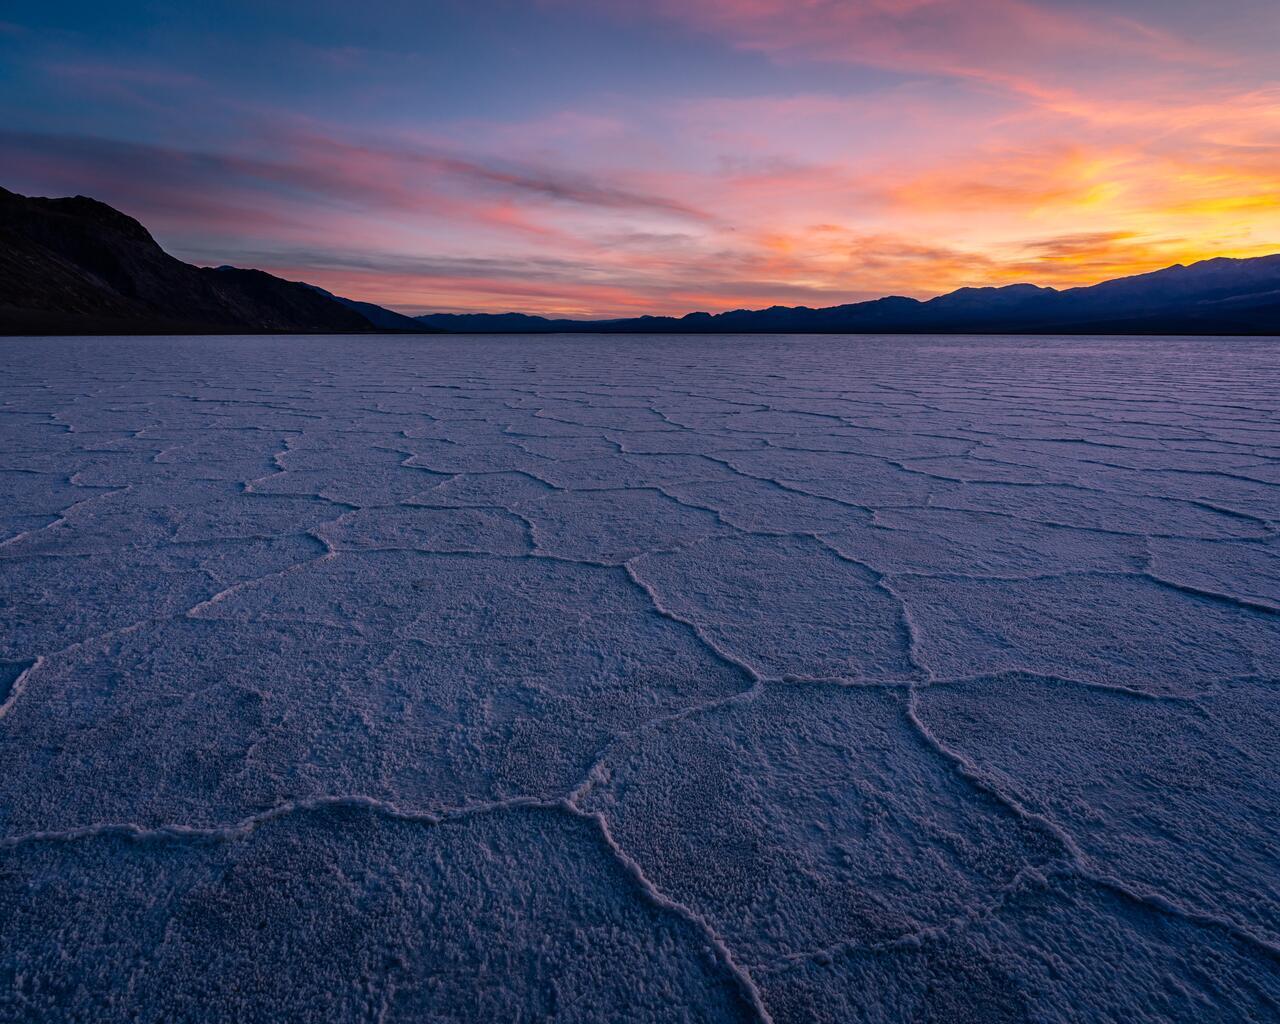 death-valley-sunset-8k-eo.jpg